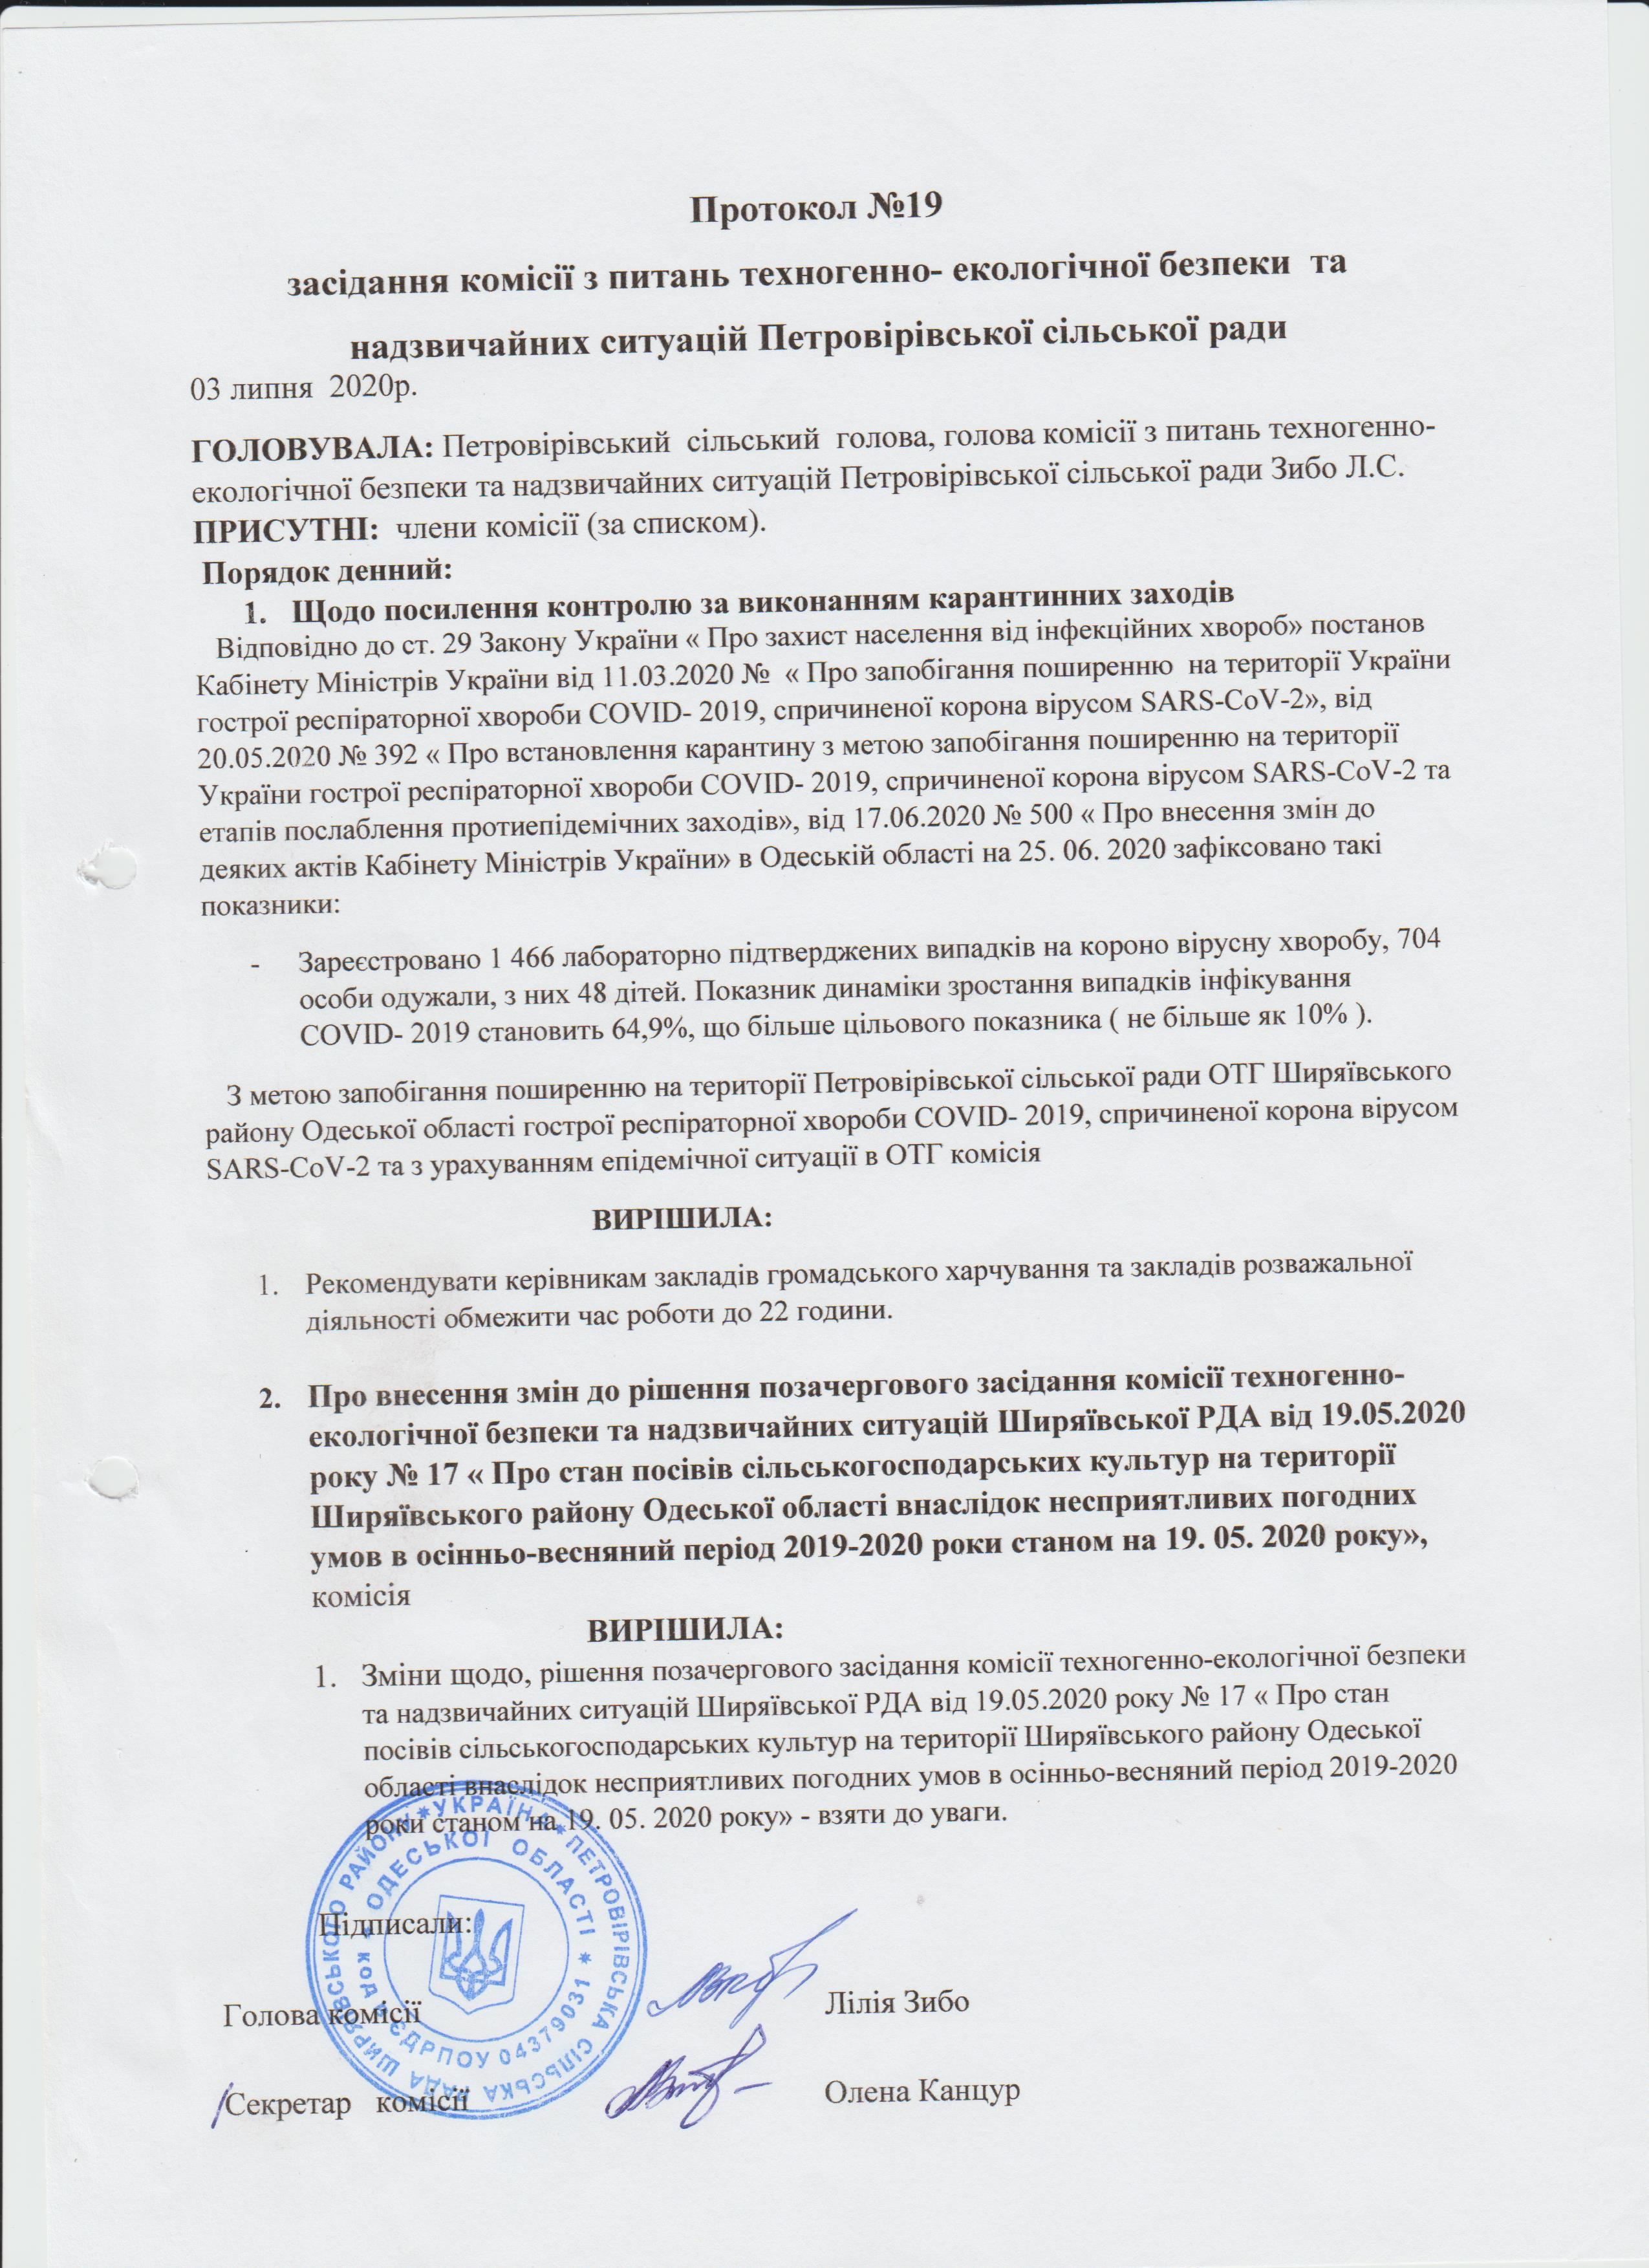 Протокол №19 засідання комісії з питань техногенно-екологічної безпеки та надзвичайних ситуацій Петровірівської сільської ради